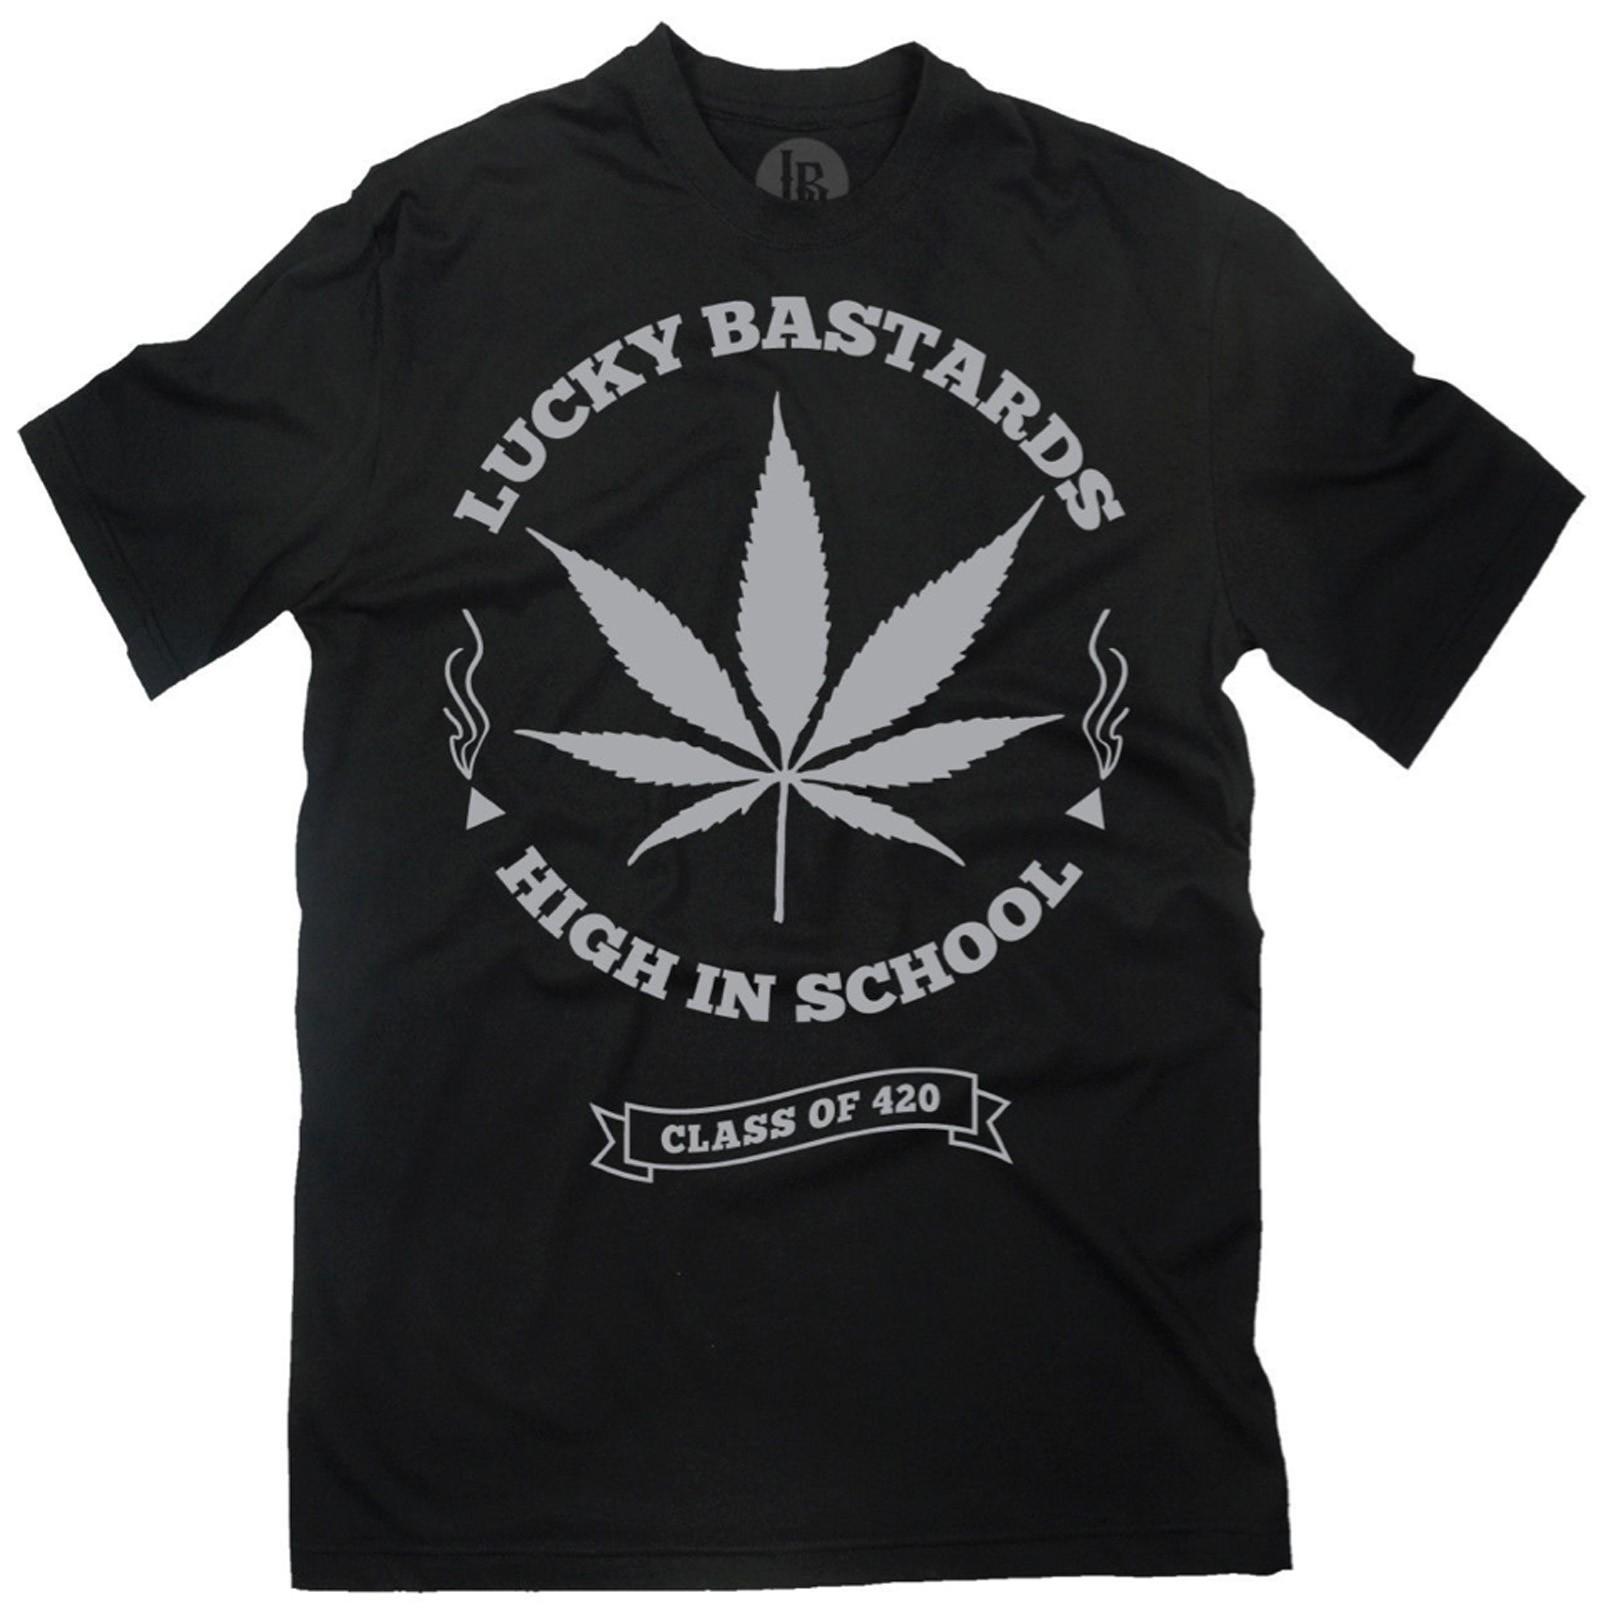 Lucky Bastards - High in Class T-Shirt Front